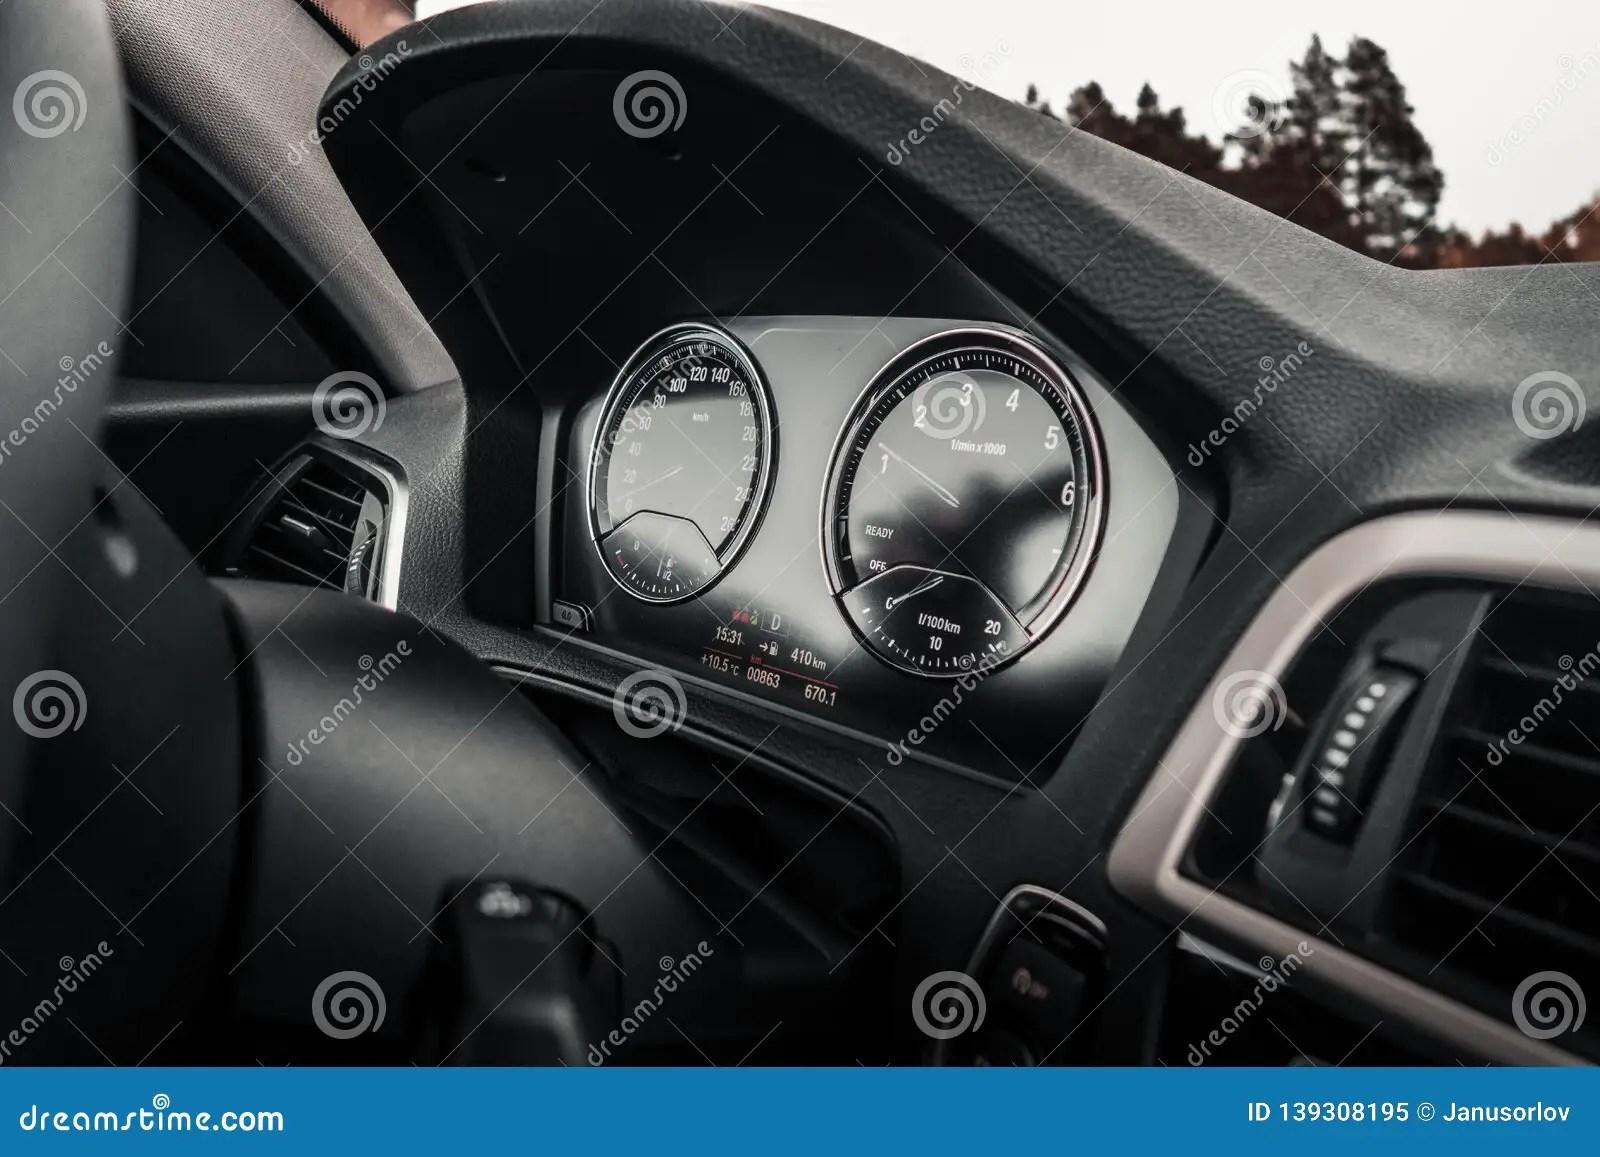 Car Instrument Panel Stock Photos